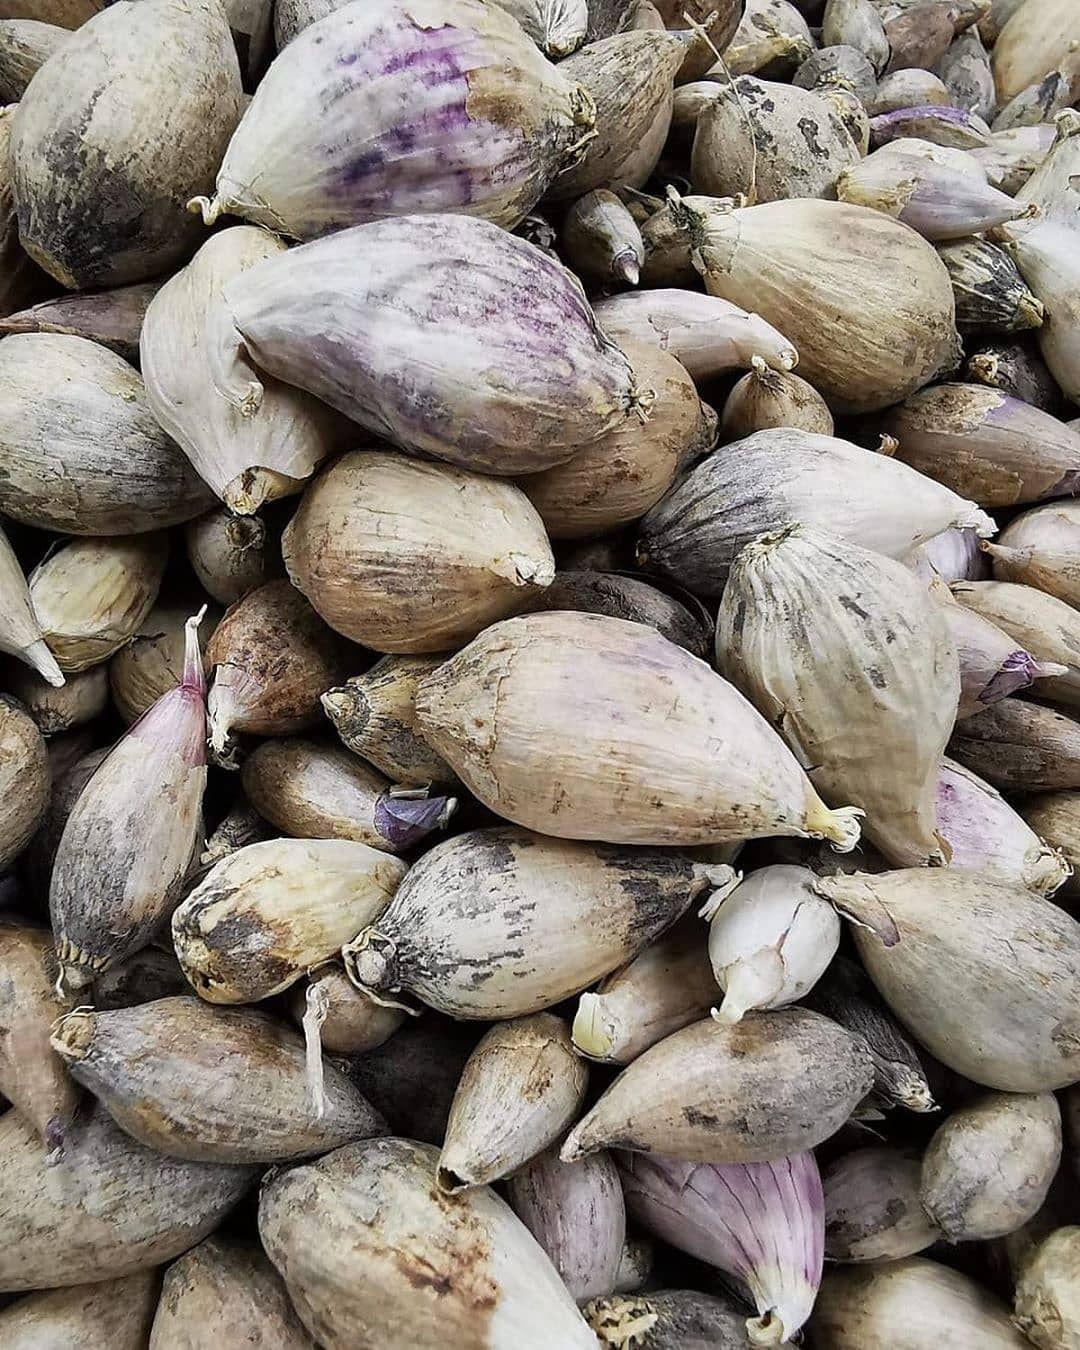 اعلان وصول دفعه جديدة من ثوم الذكر اليمني Clear Nectar ثوم ذكر يمني الكيلو بـ350 درهم الثوم الذكري هو من أقدم ا Vegetables Garlic Stuffed Mushrooms